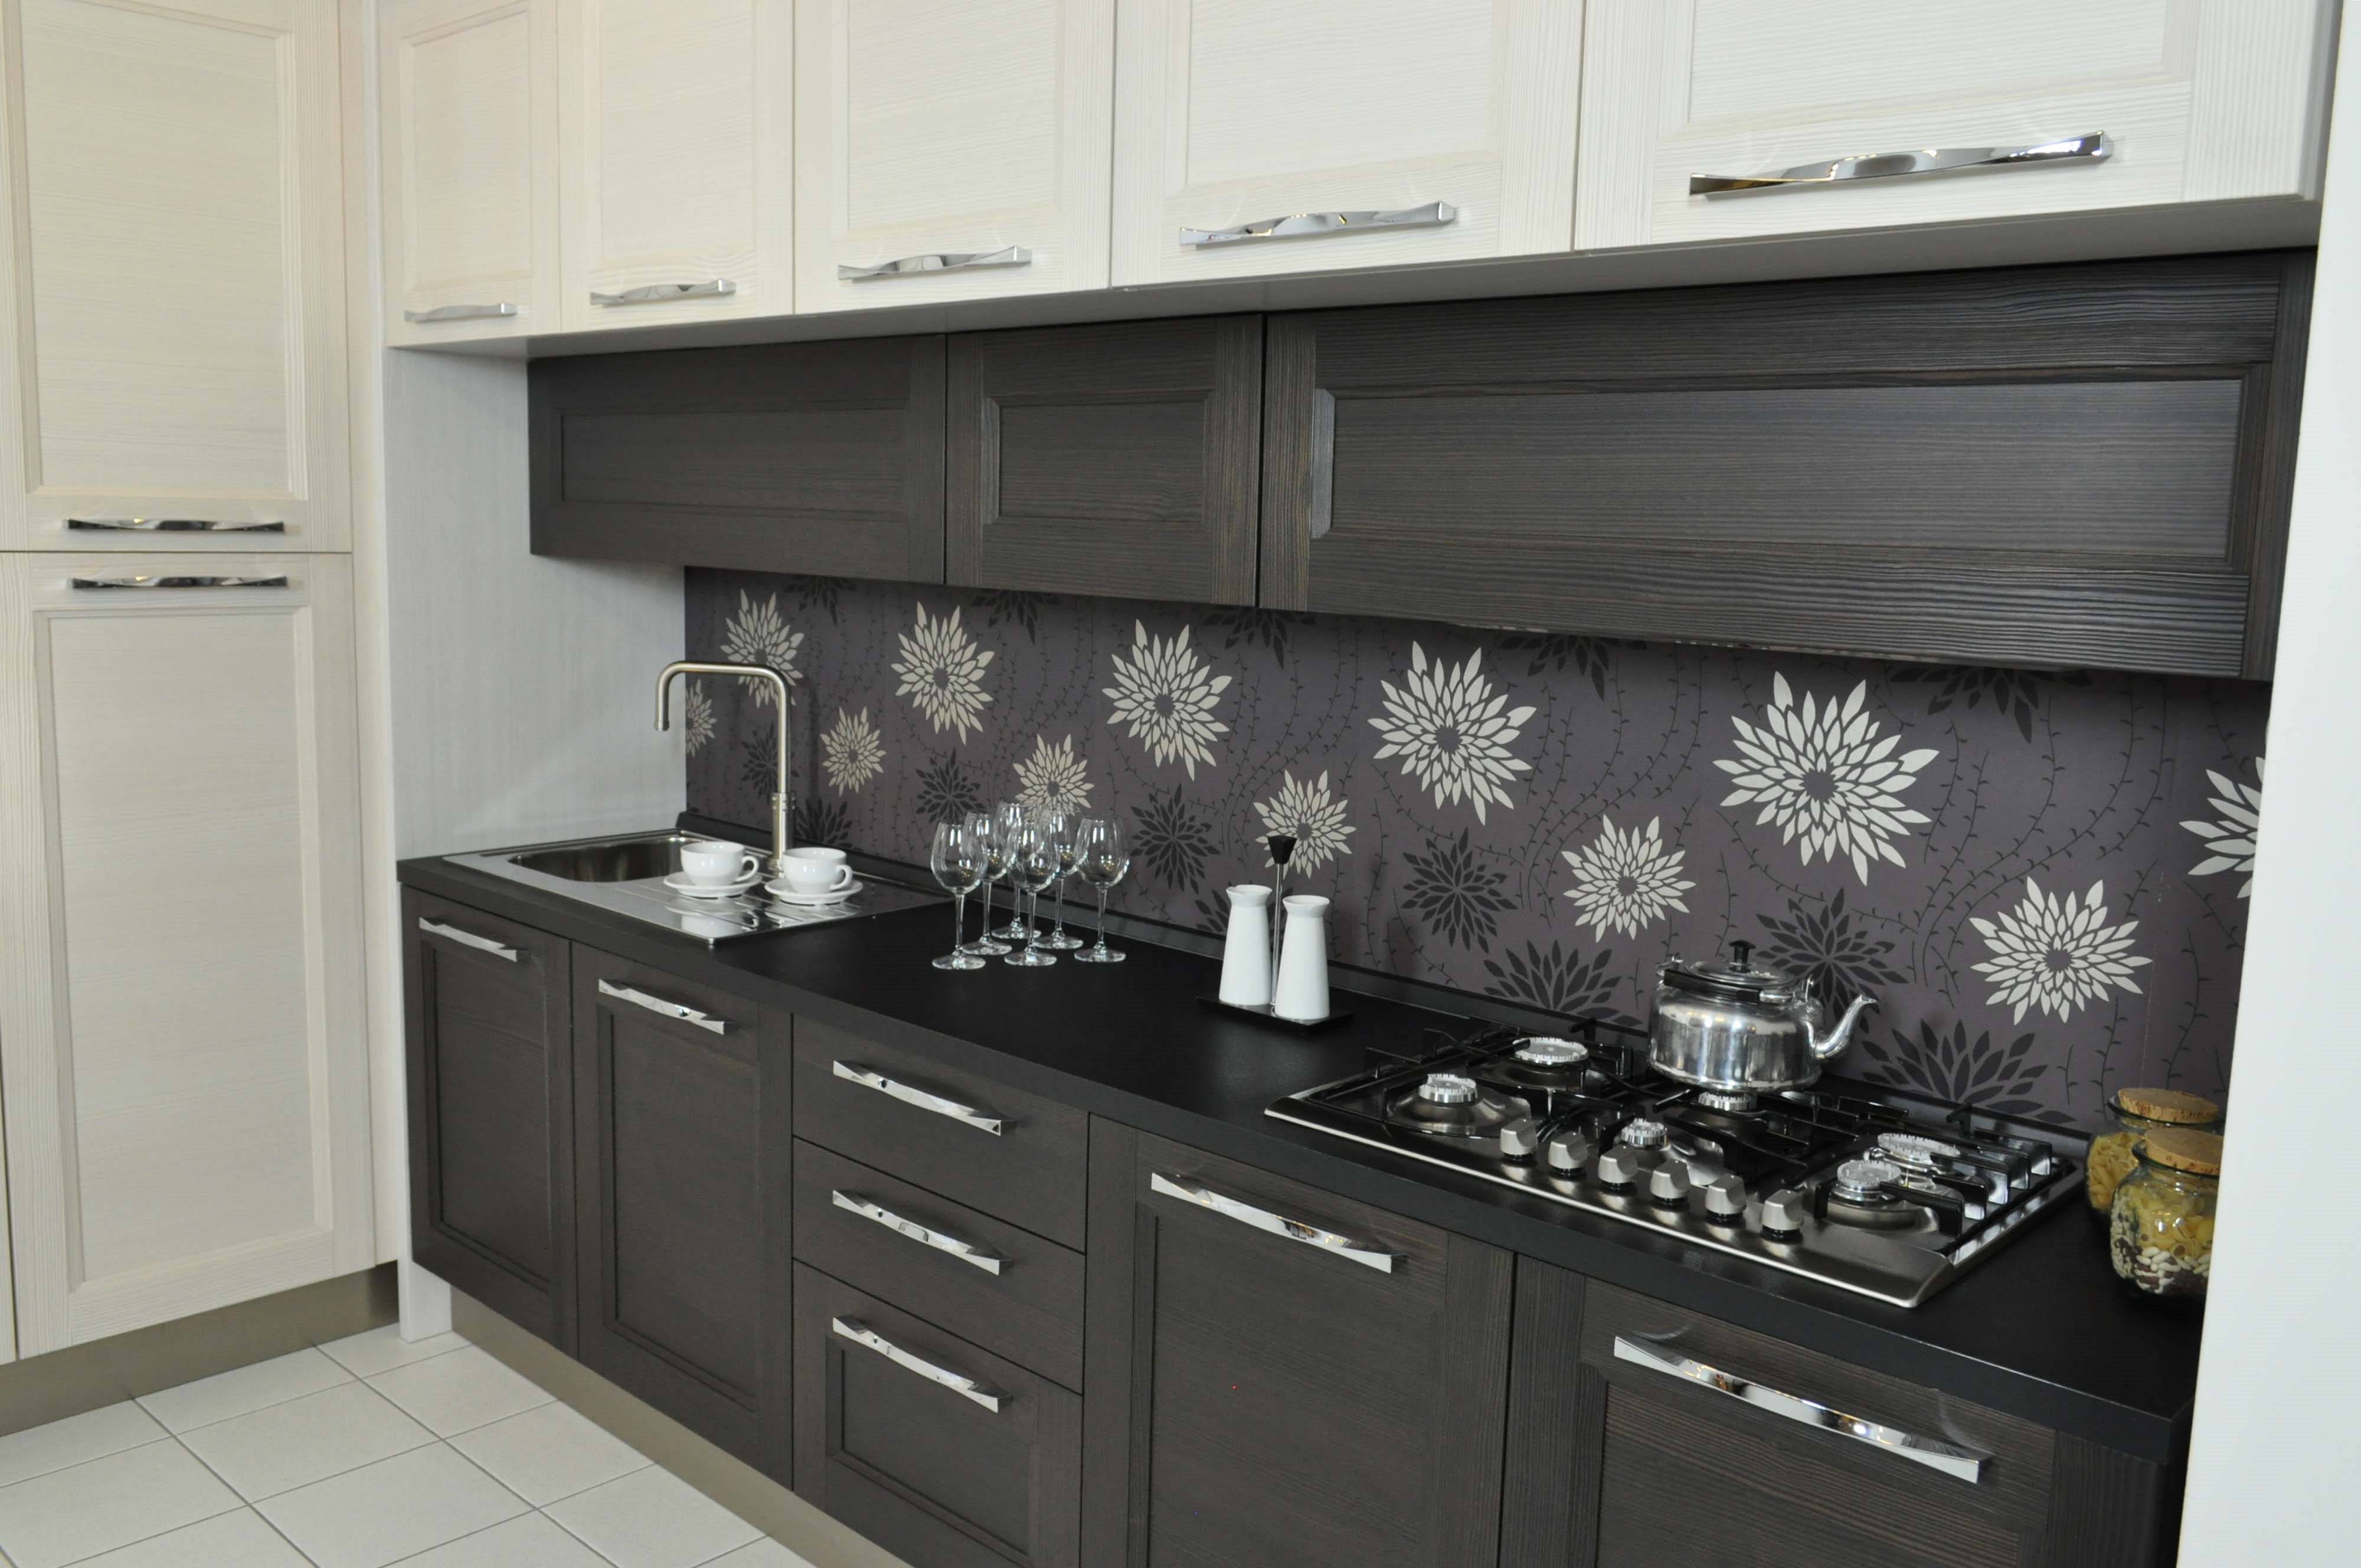 Cucina lube modello georgia completa di elettrodomestici e - Costo cucina veneta cucine ...